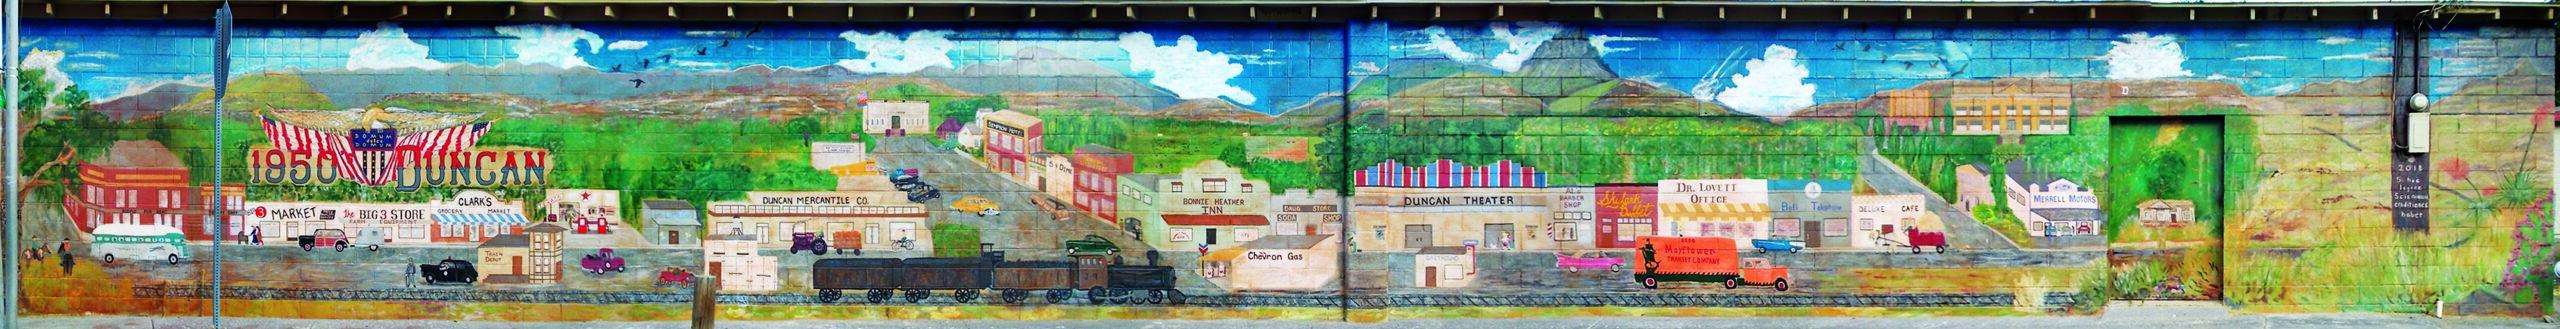 Hill Street Mural